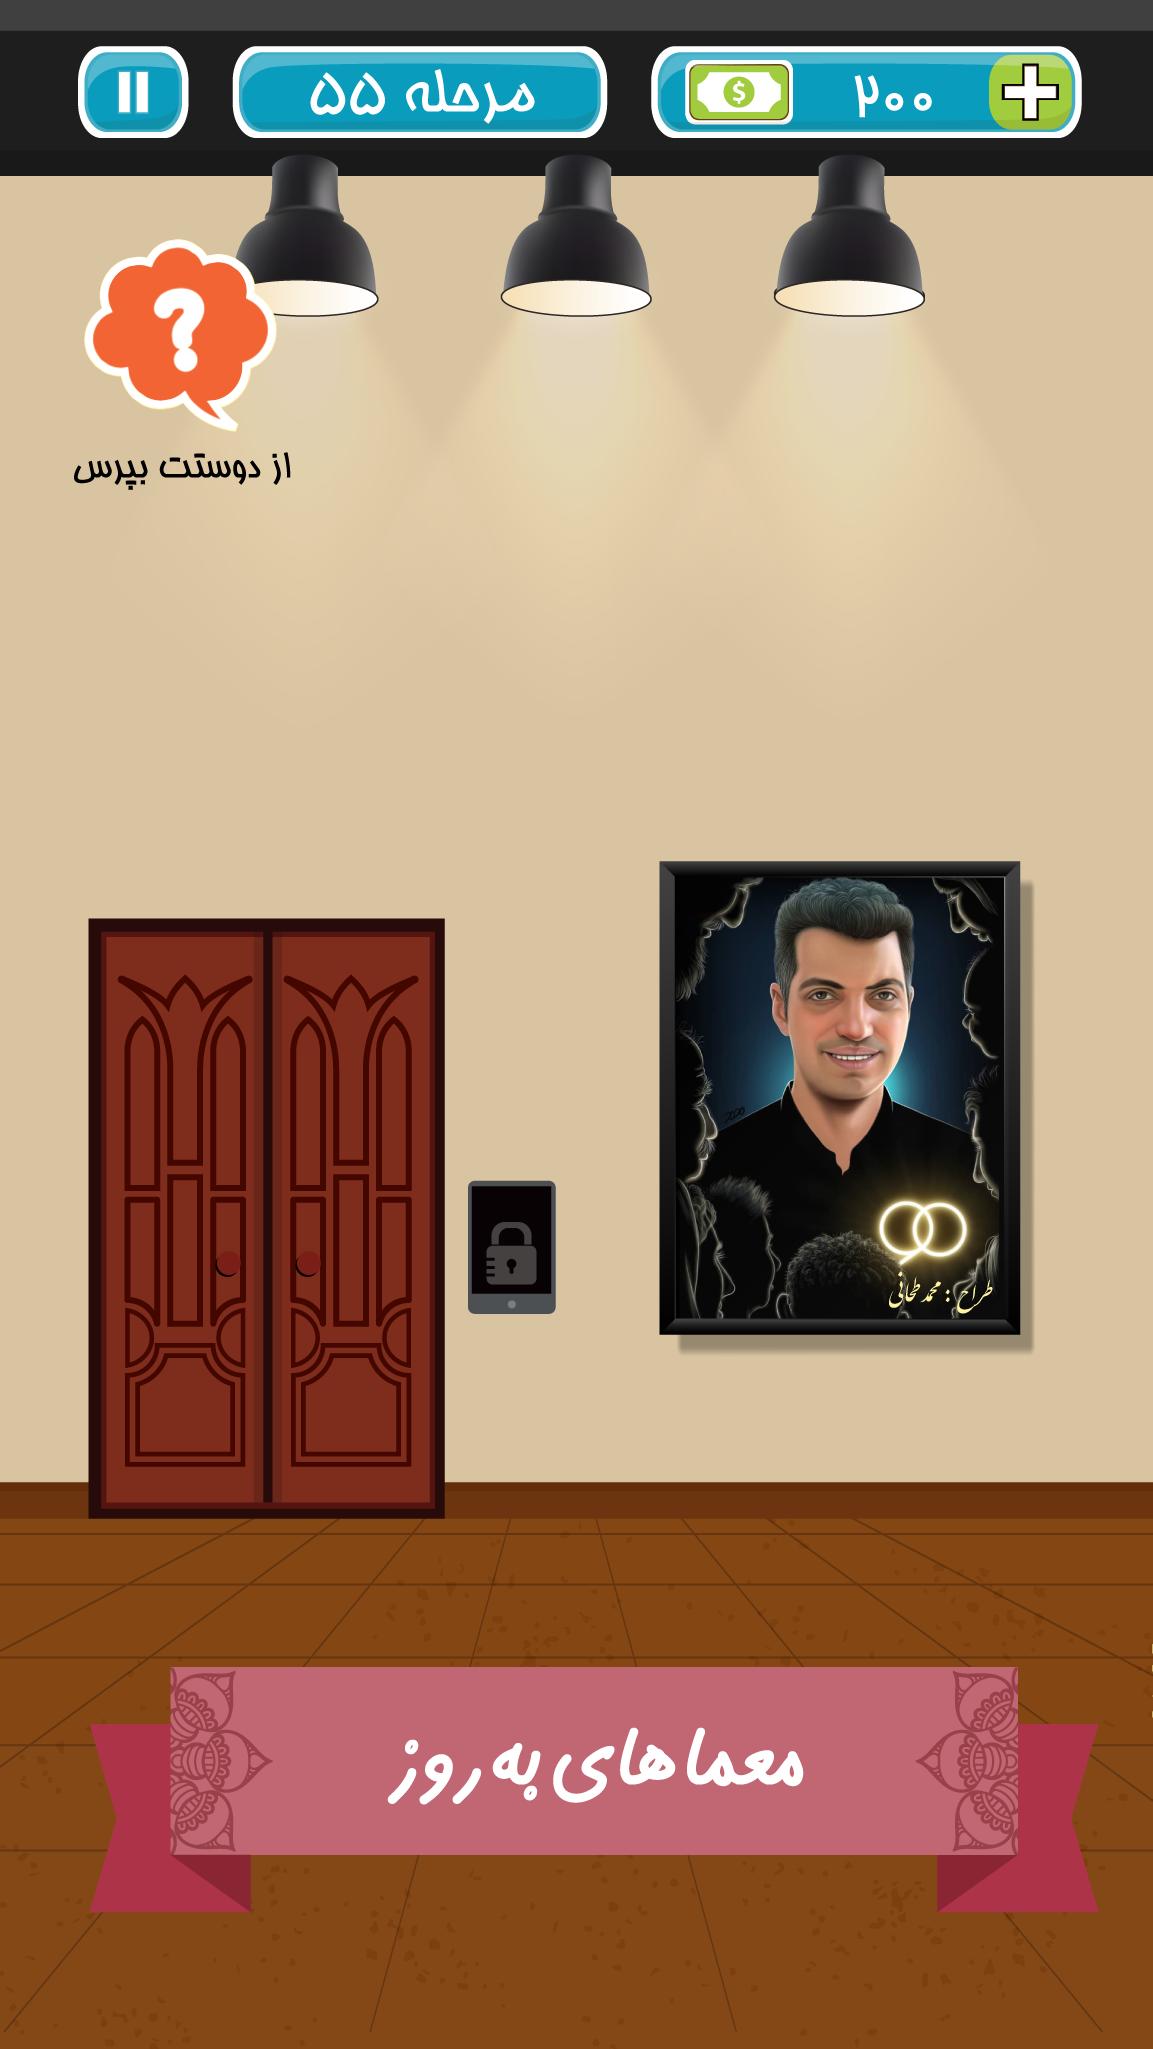 حمایت از عادل فردوسی پور در بازی ایرانی اتاق فرار